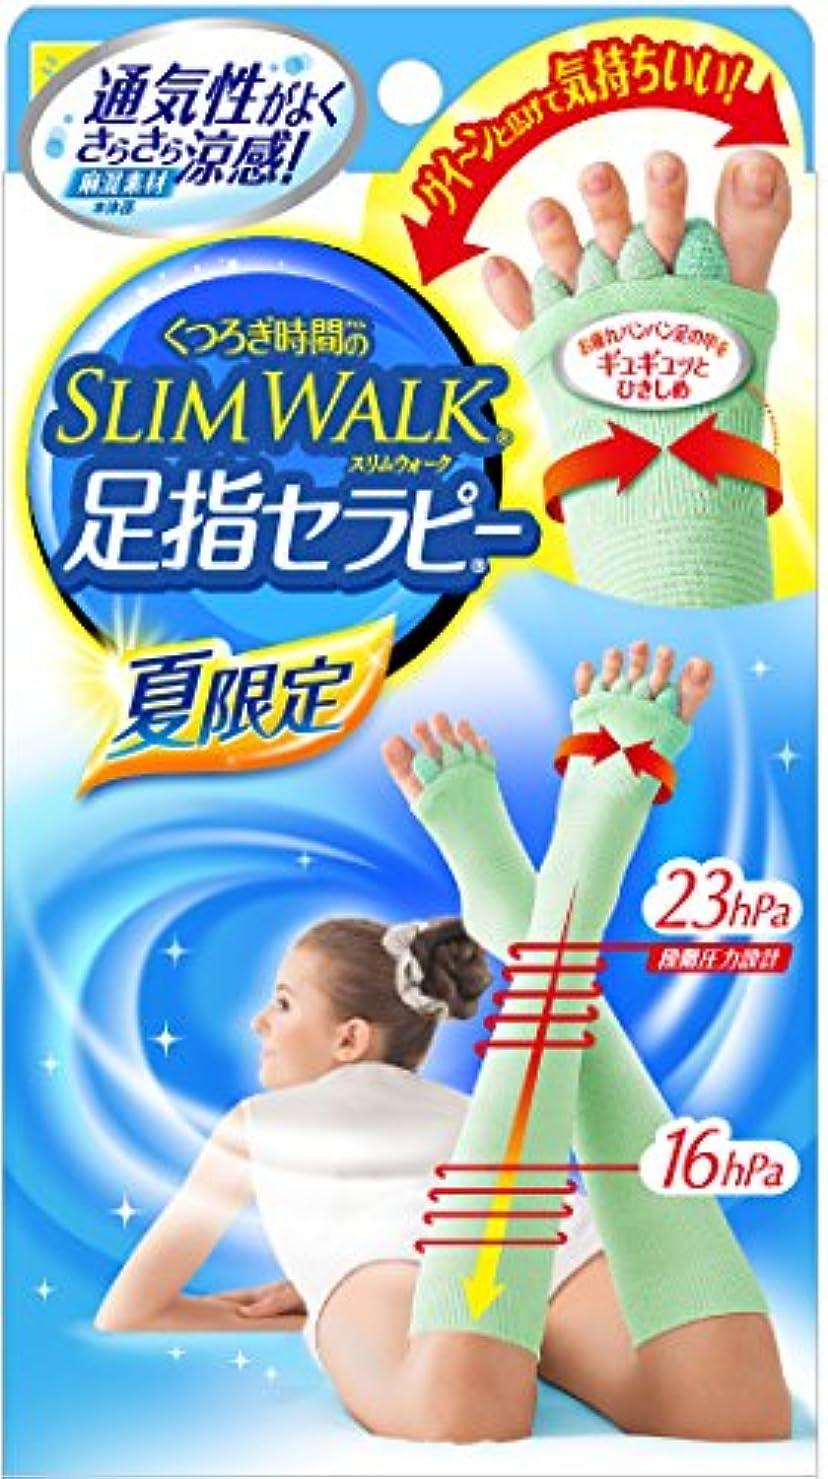 対応限り権威くつろぎ時間のスリムウォーク 足指セラピー (夏用) さらさら涼感 ショートタイプ M-Lサイズ ミントグリーン